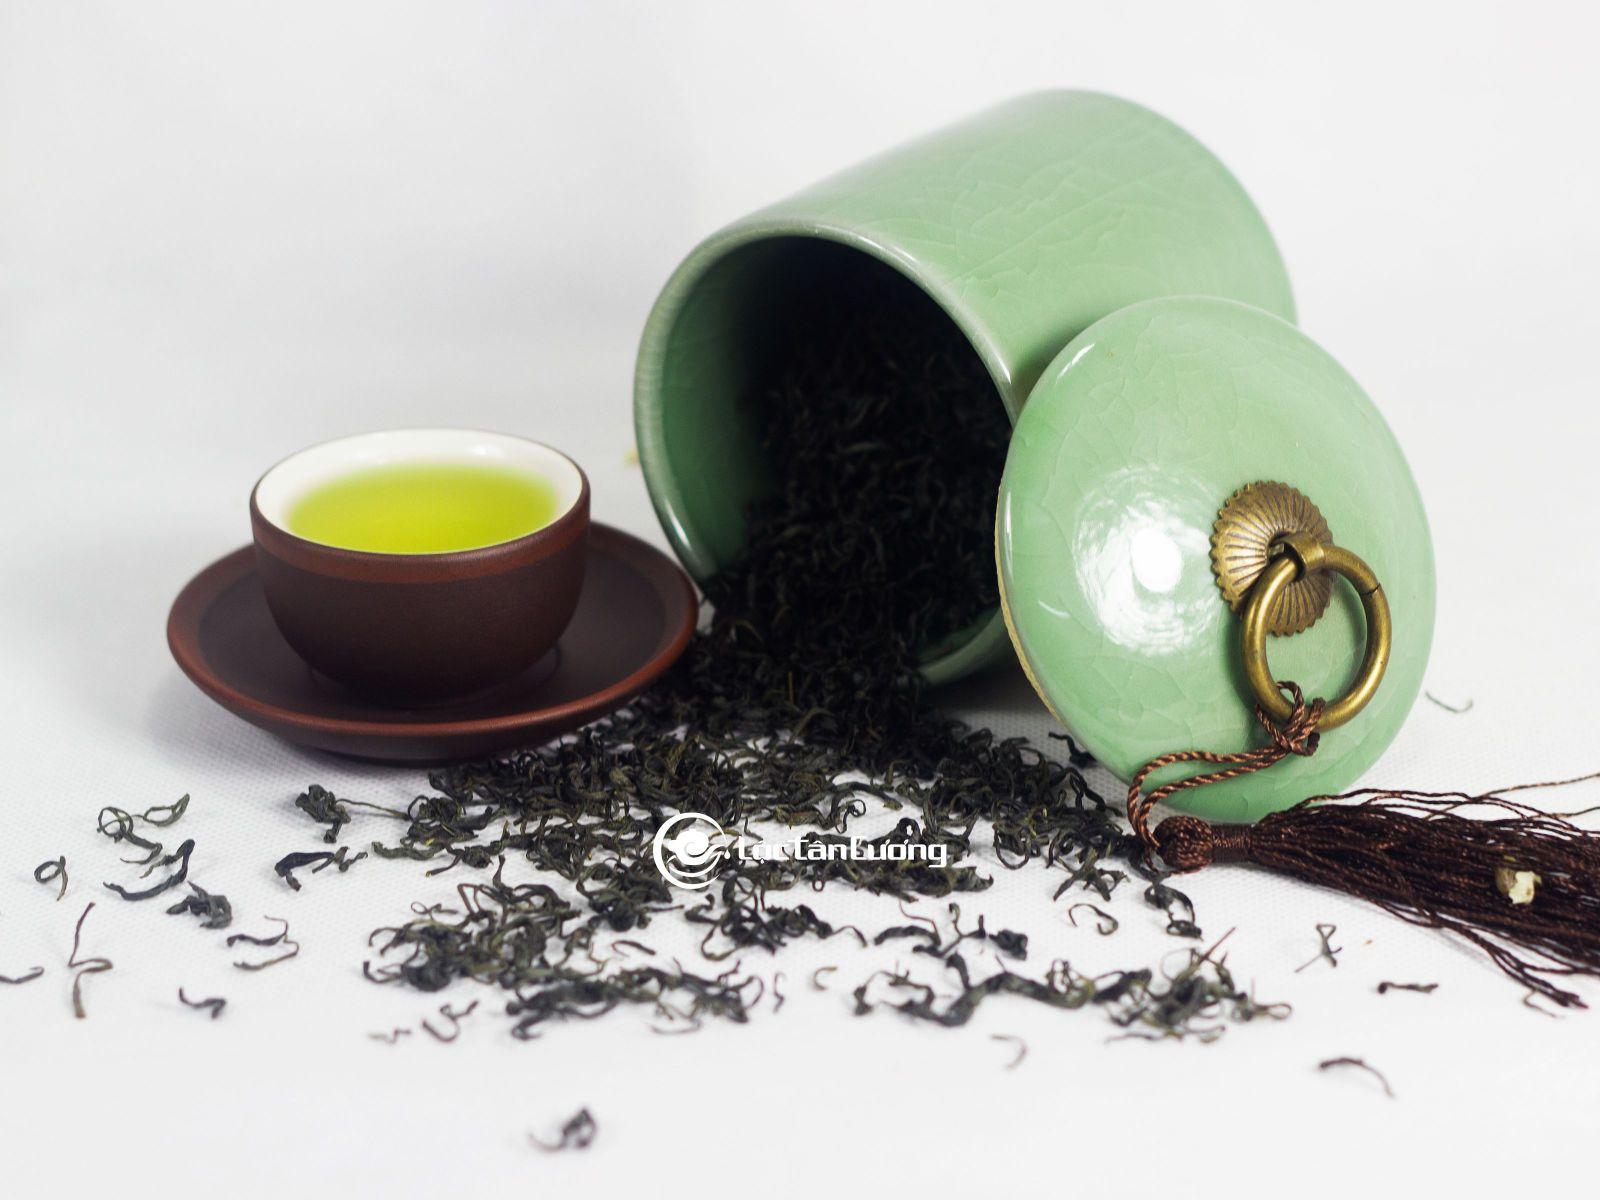 Bảo quản trà móc câu thái nguyên trong hũ đựng trà có màu đục và đậy nấp kín lại